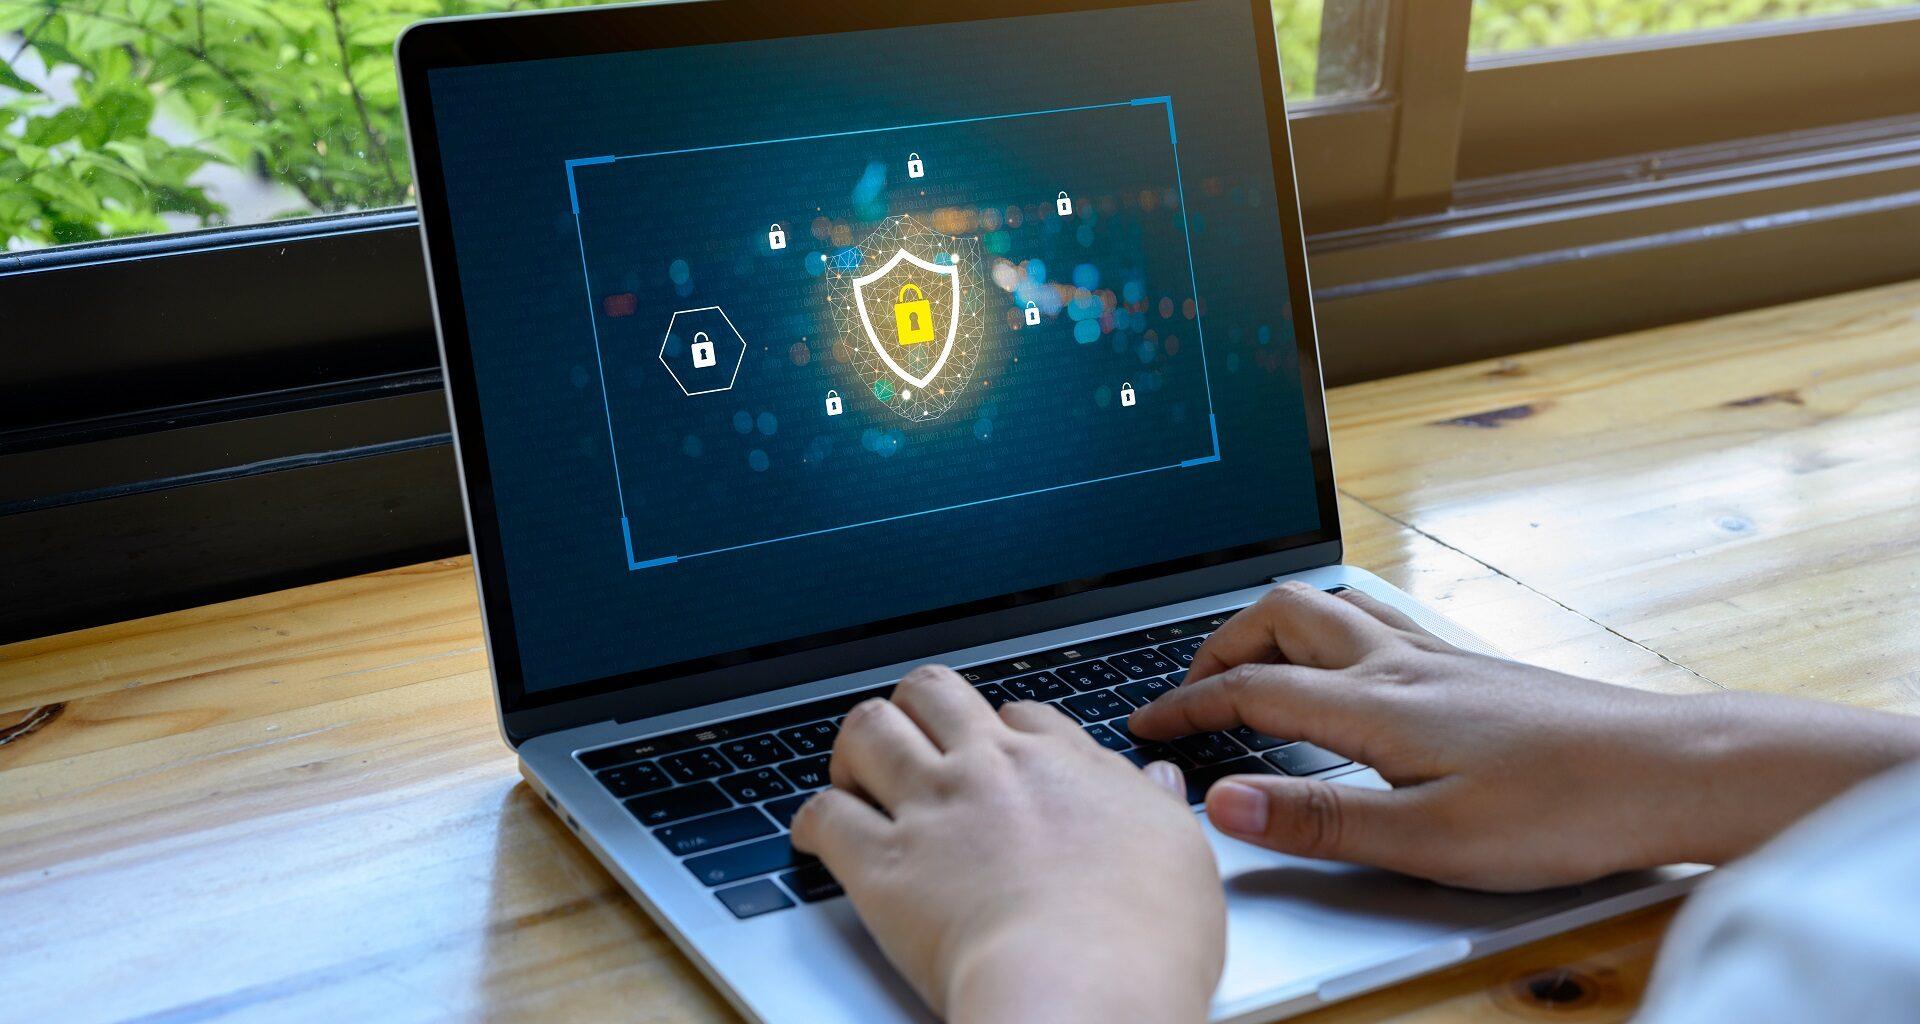 bezpieczenstwo-polakow-w-sieci